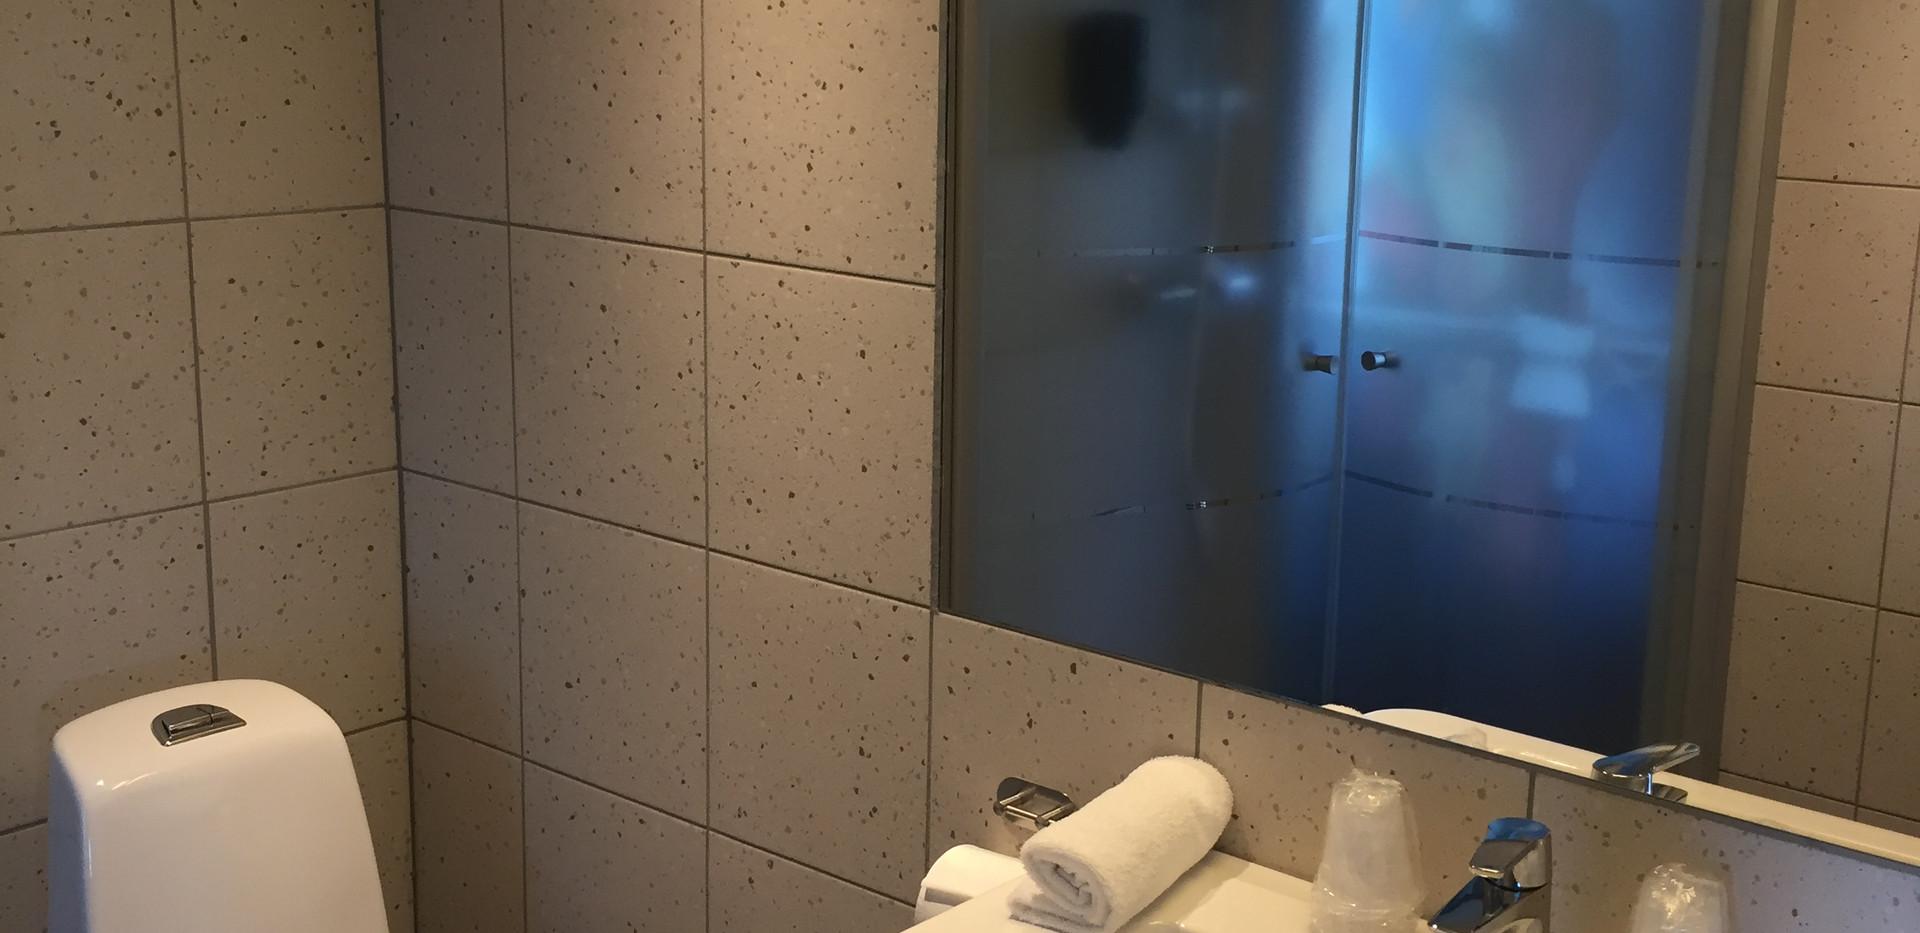 DB Bathroom 2.JPG